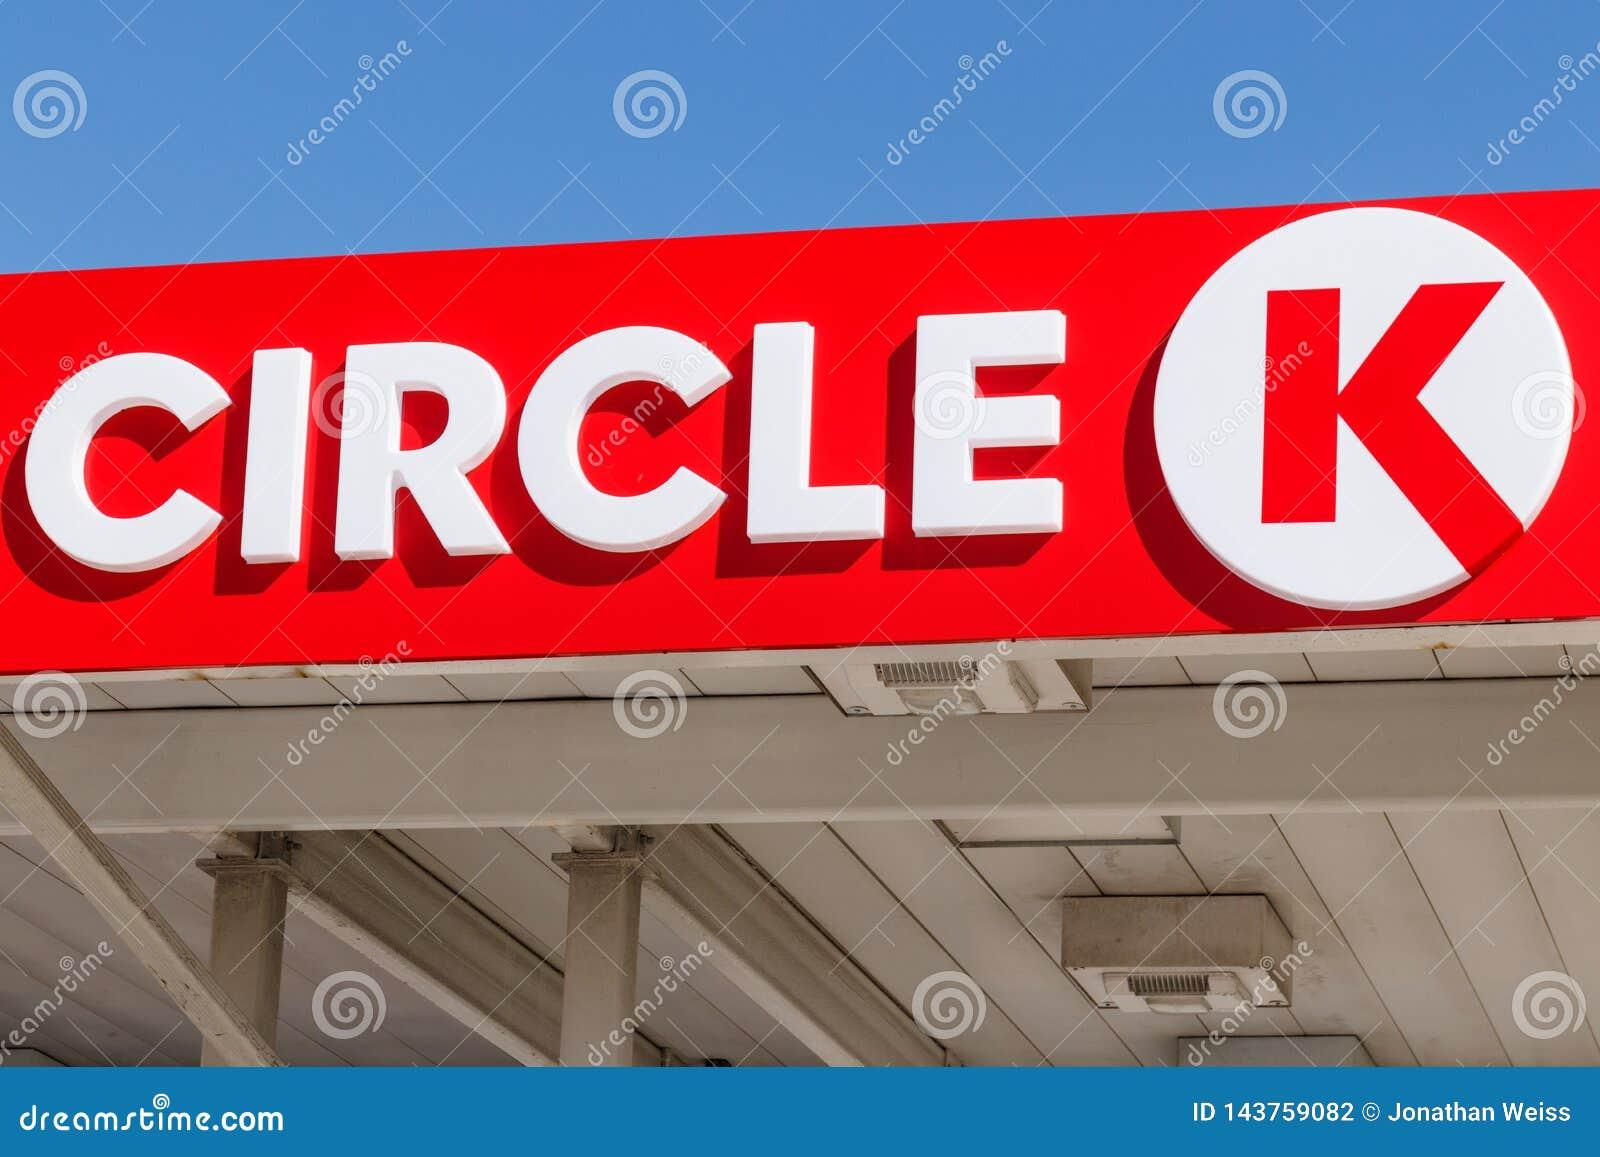 Einzelhandels-Tankstellestandort des Kreises K Kreis K ist eine Tochtergesellschaft der Ernährung Couche-Tard und wird in Quebec